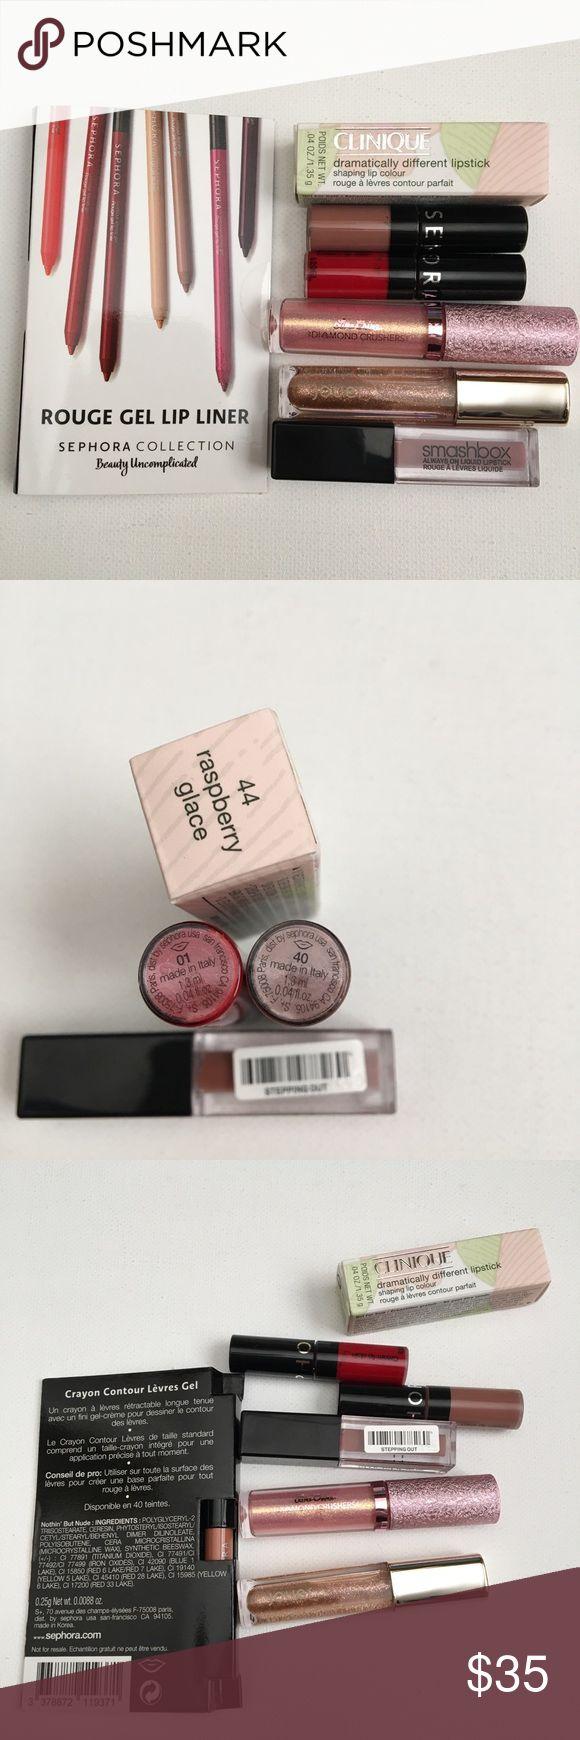 Sephora Clinique Smashbox Lip Gloss bundle Lot 7 Sephora